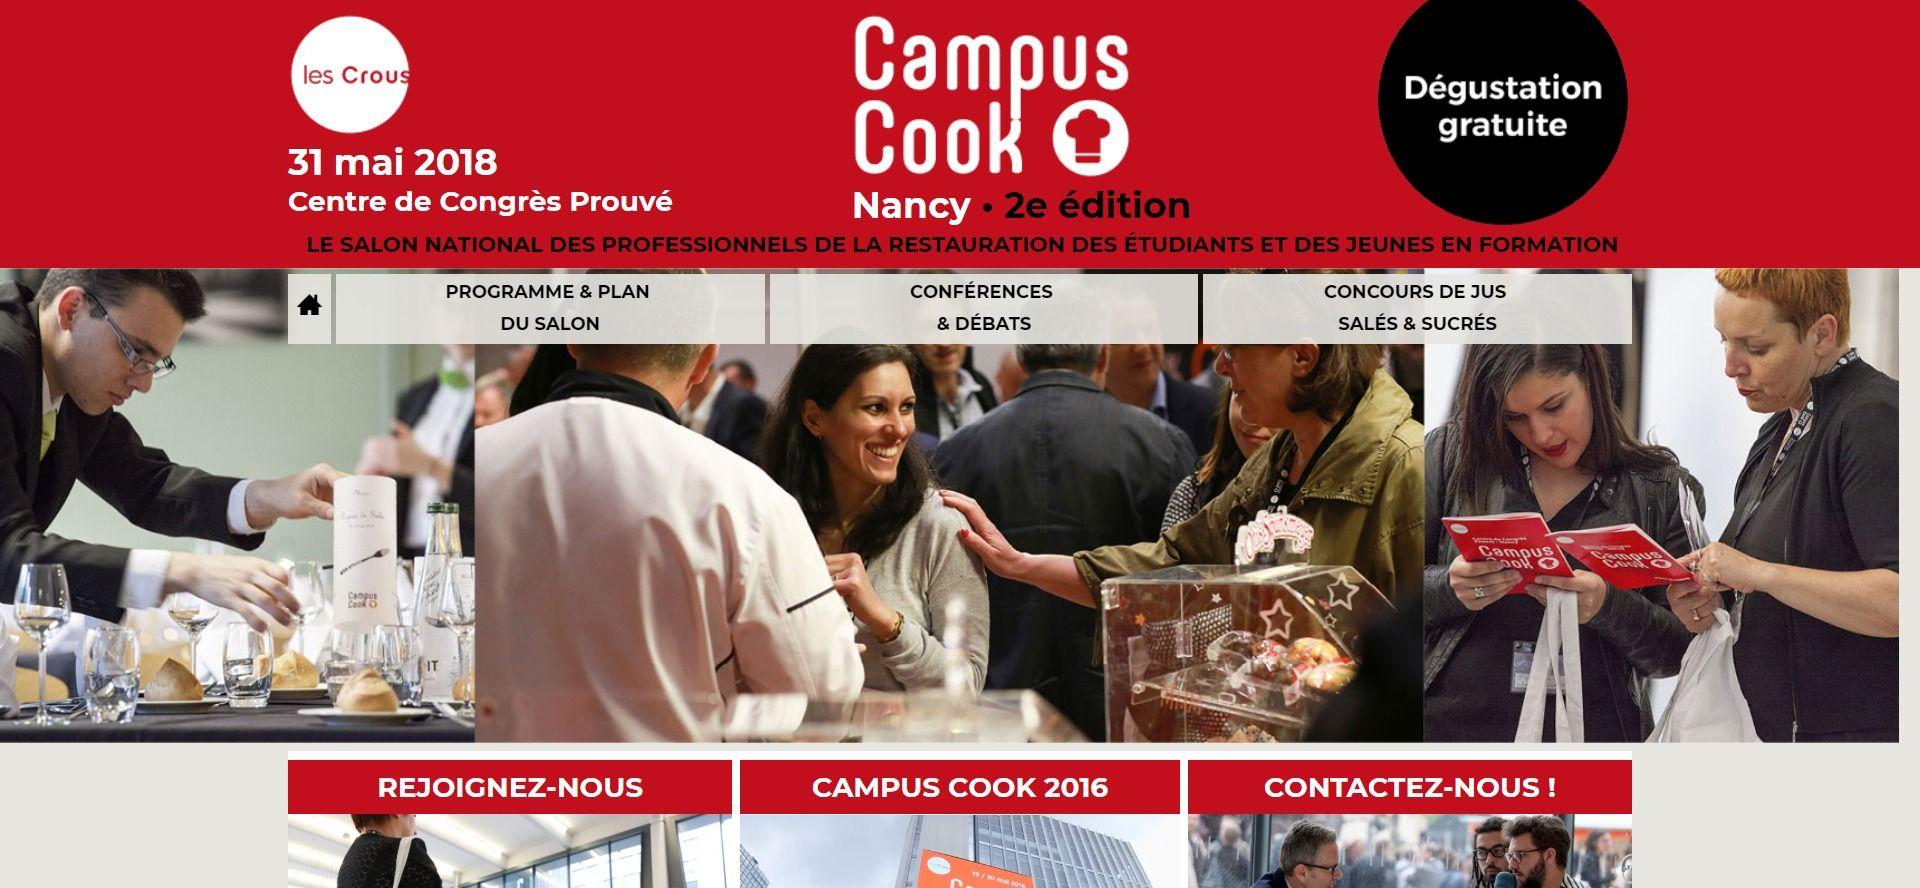 Capture d'écran du site campuscook.fr